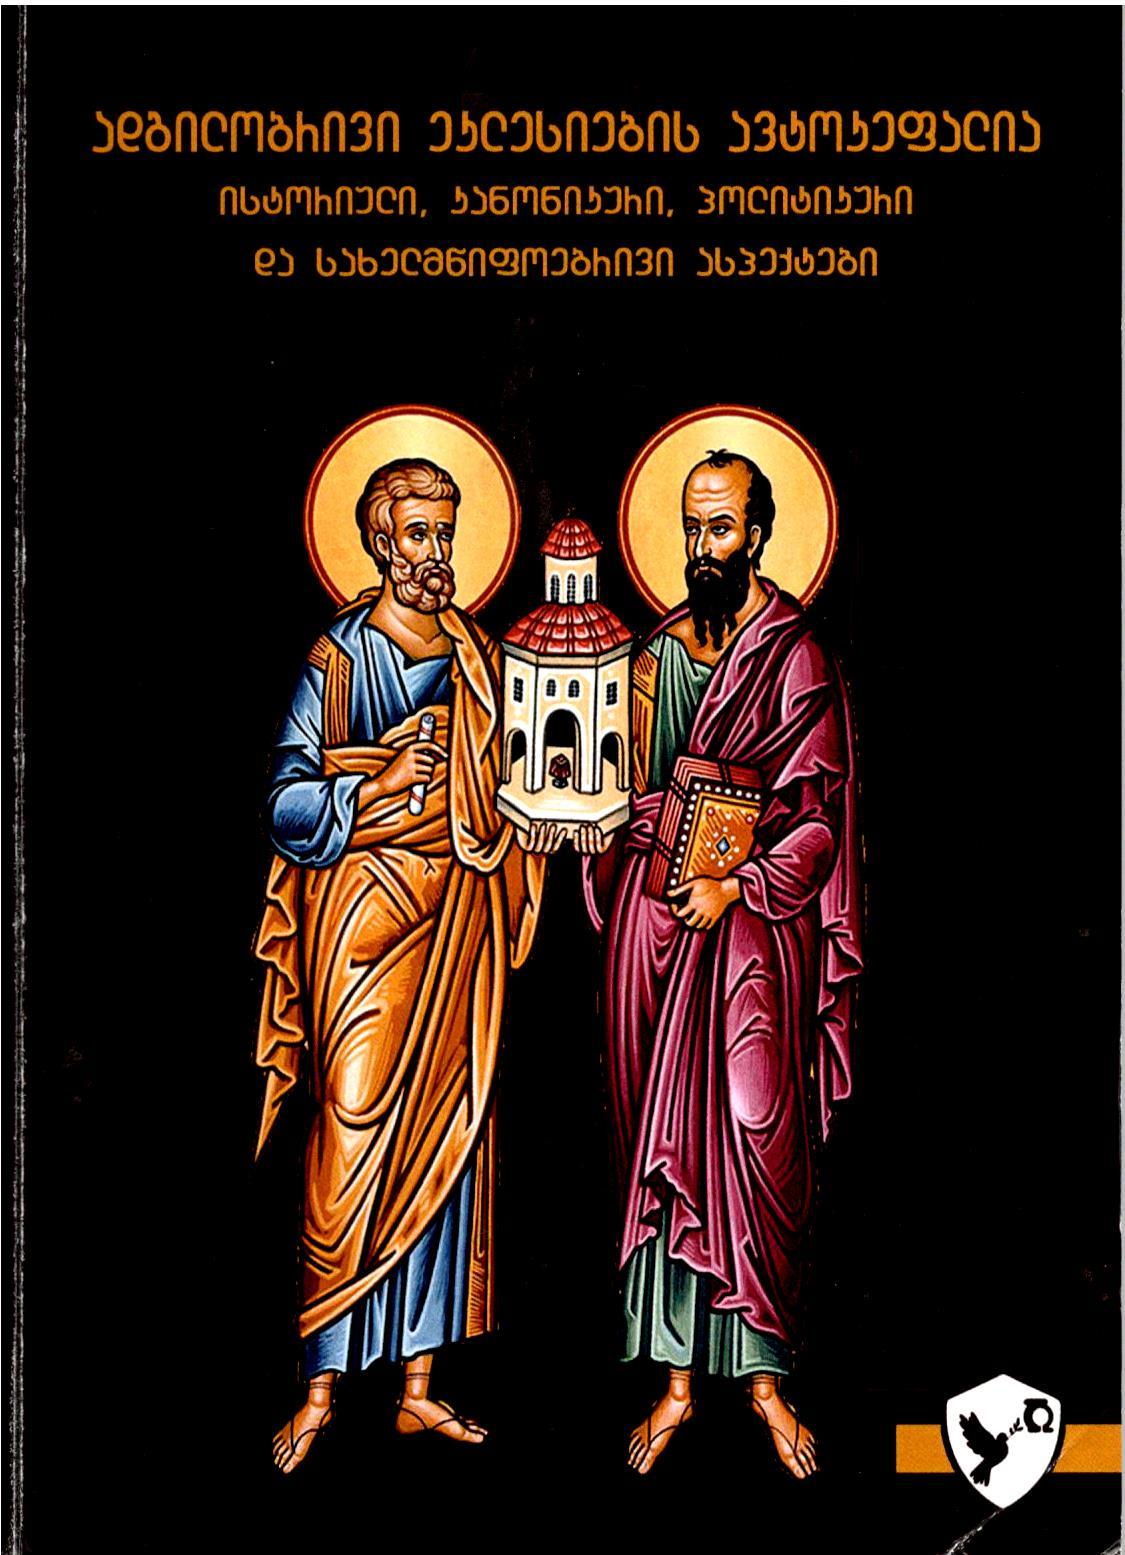 ადგილობრივი ეკლესიების ავტოკეფალია. ისტორიული, კანონიკური, პოლიტიკური და სახელმწიფოებრივი ასპექტები.